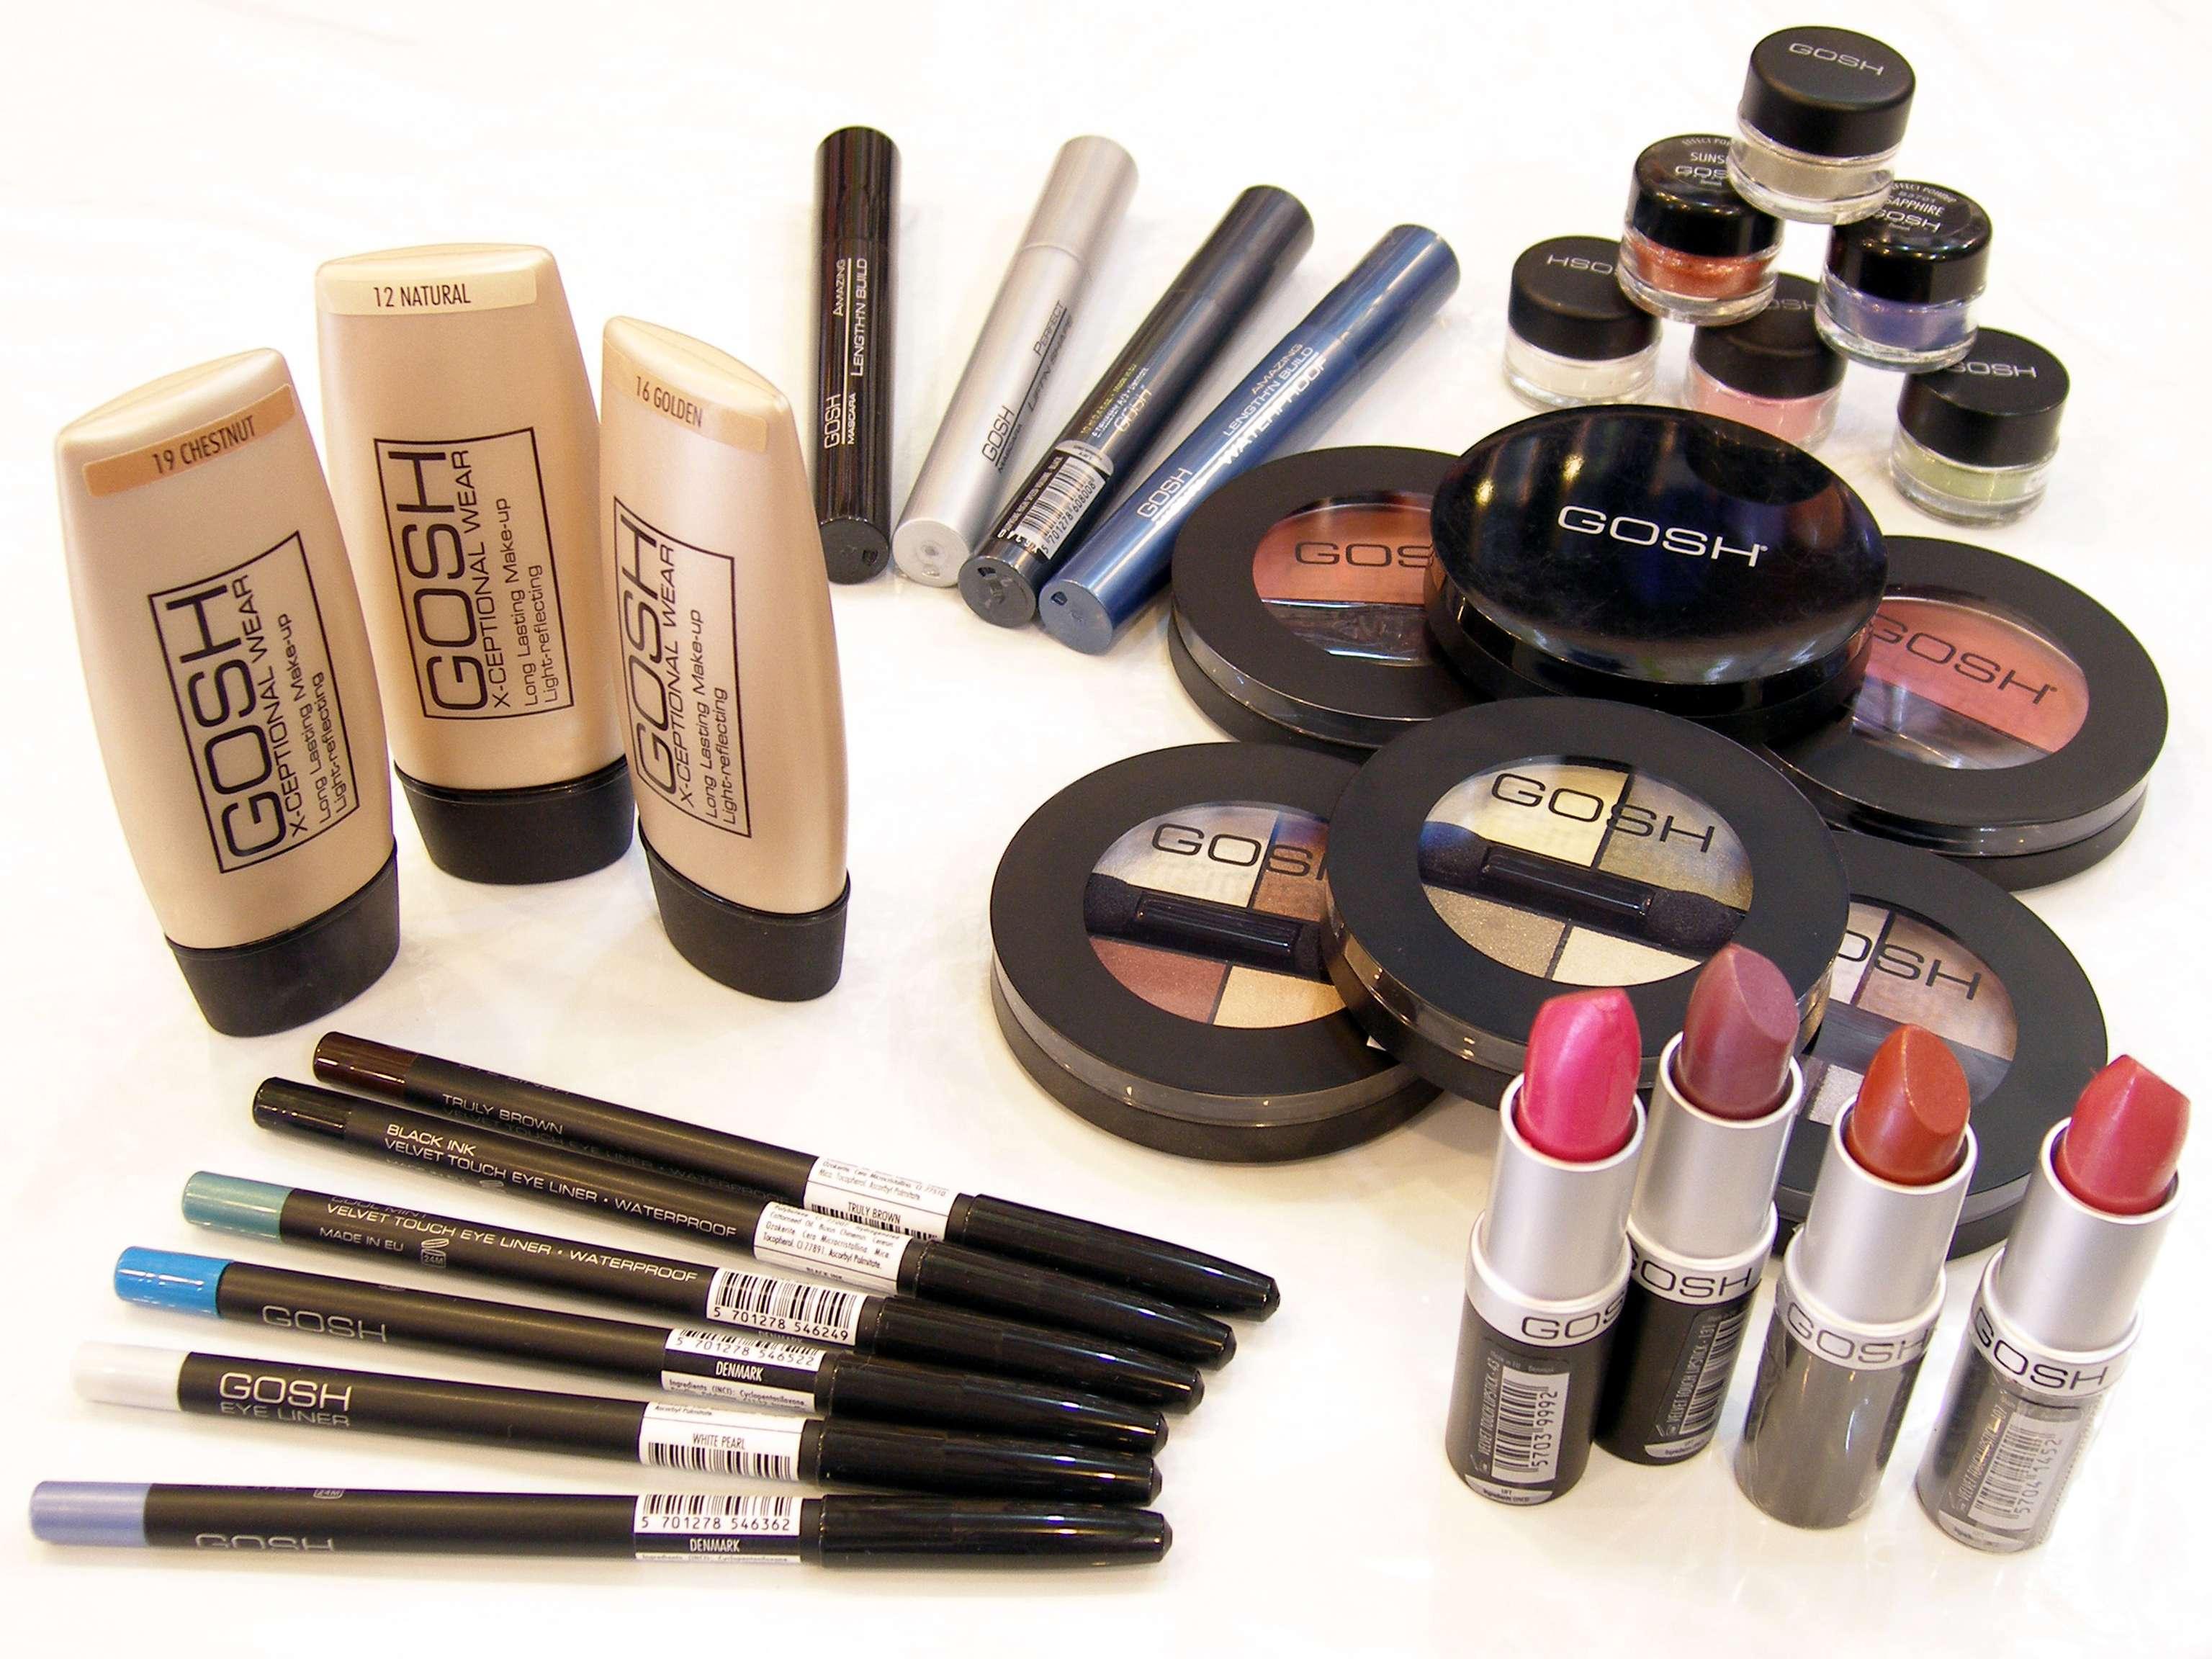 لیست کامل محصولات آرایشی و بهداشتی